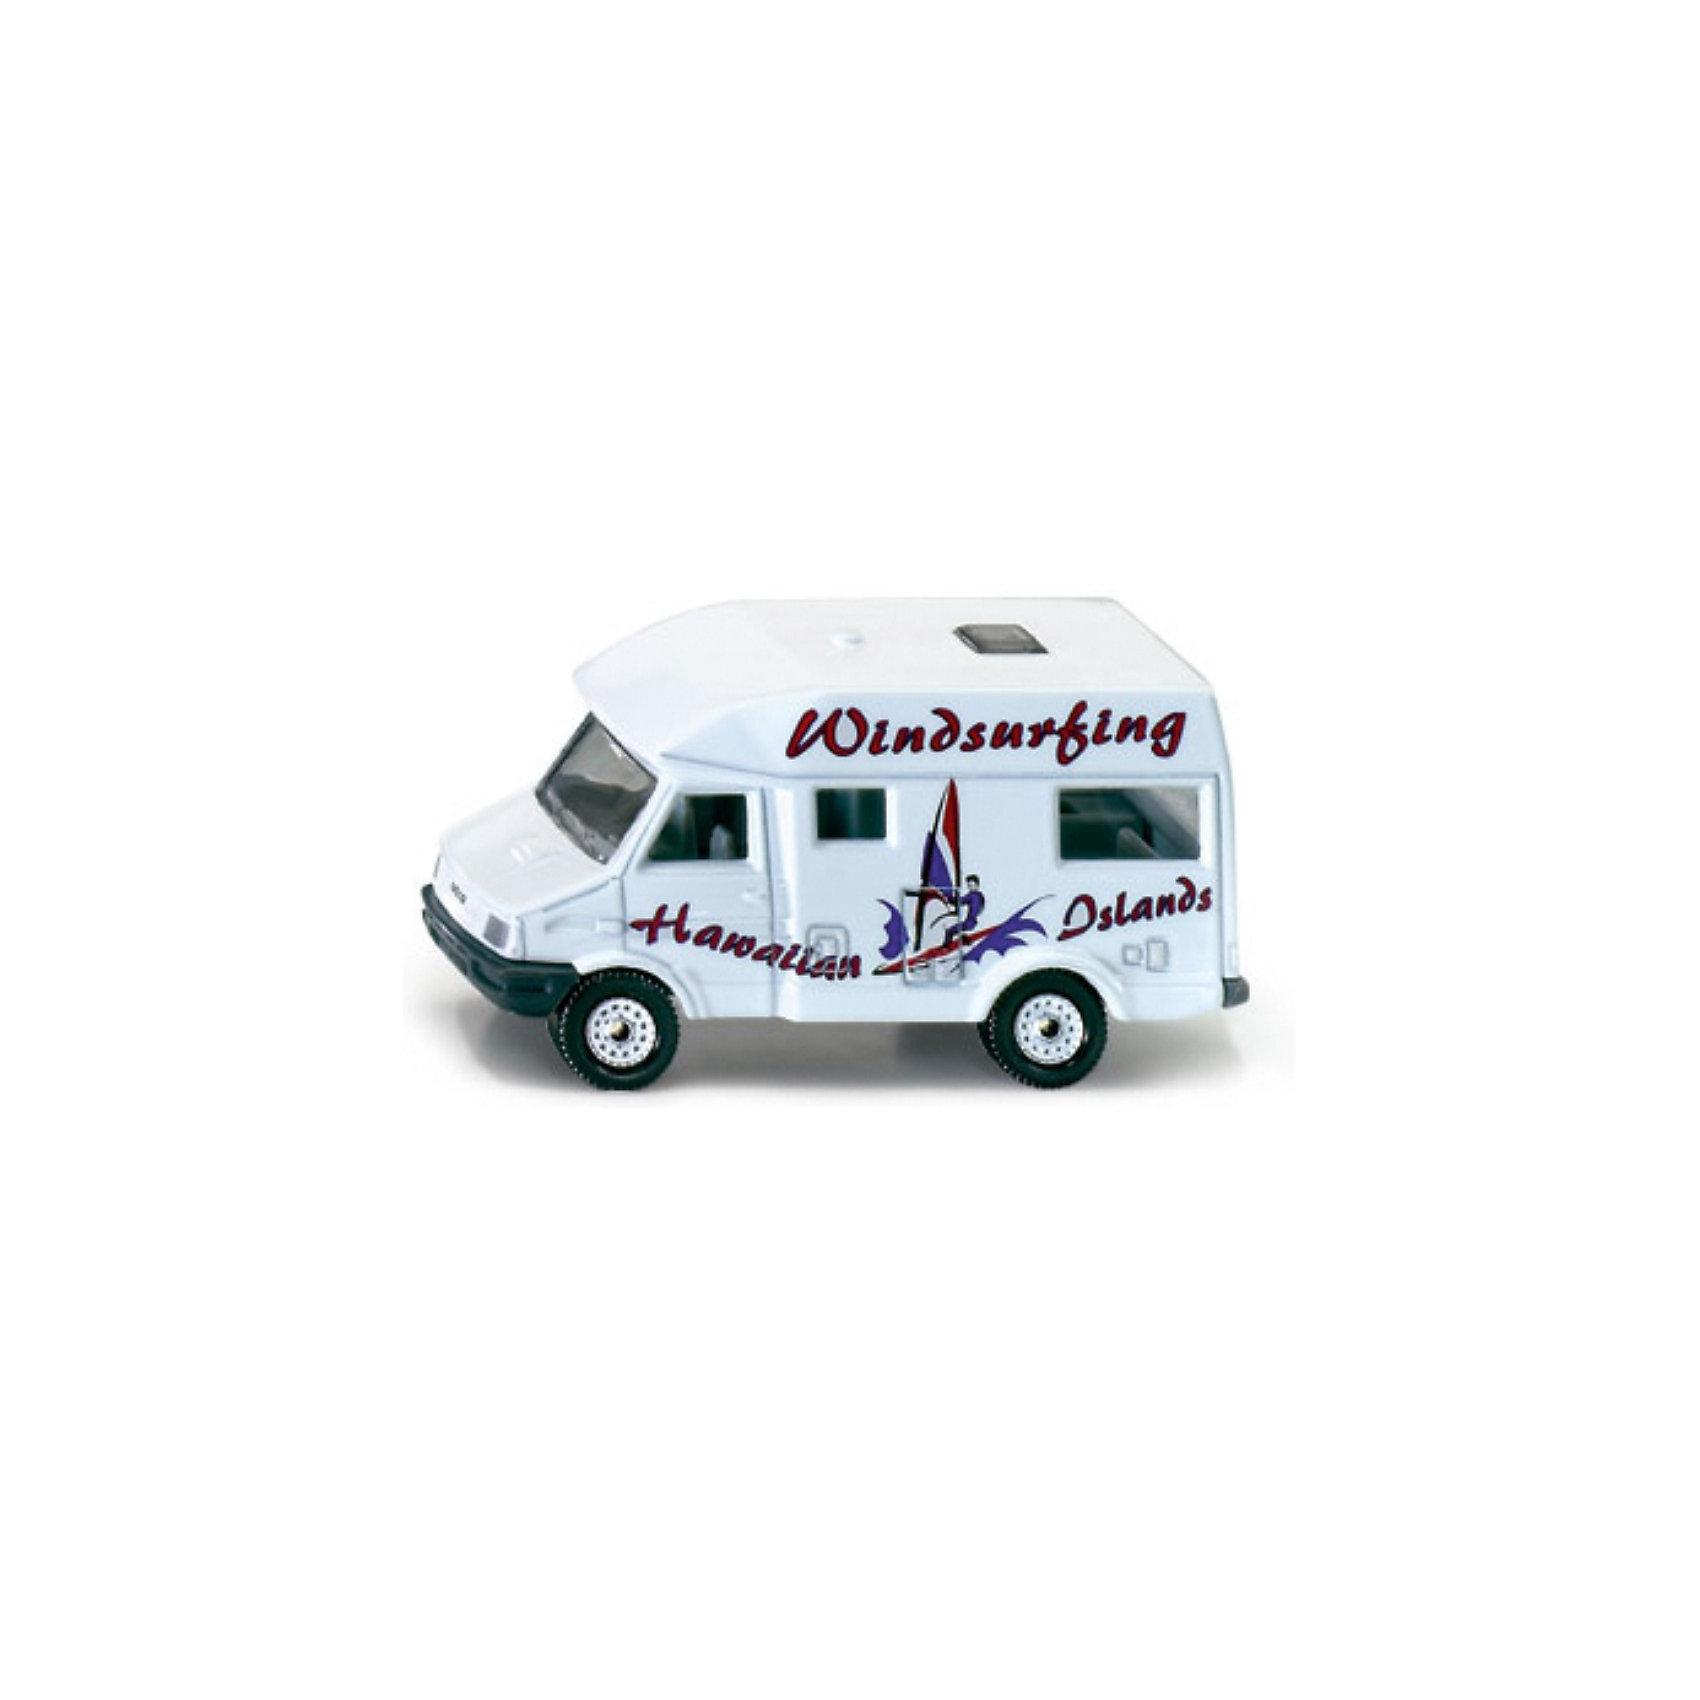 SIKU 1022 Жилой фургонКоллекционные модели<br>Игрушечная модель SIKU 1022 Жилой фургон.  Корпус игрушки выполнен из металла, лобовое, заднее и боковые стёкла из прозрачной пластмассы, колёса выполнены из пластика и вращаются, можно катать.<br><br>Игрушечные модели SIKU уже более 50 лет отличаются высоким качеством и безопасностью. Они имеют сертификаты T?V и GS, изготавливаются в соответствии с актуальными предписаниями по безопасности и отмечены знаком SPIEL GUT. Игрушки не предназначены для детей младше 36 месяцев, так как содержат мелкие детали, которые могут быть проглочены.<br><br>Д/Ш/В: 78x32x40 мм<br><br>+++Примечание+++<br>Фирма SIKU оставляет за собой право на изменение цвета и технических характеристик моделей. При демонстрации новинок в ряде случаев используются оригинальные фотографии и прототипы. Поставляемая модель может отличаться от представленной на фотографии.<br><br>Ширина мм: 94<br>Глубина мм: 76<br>Высота мм: 30<br>Вес г: 71<br>Возраст от месяцев: 36<br>Возраст до месяцев: 96<br>Пол: Мужской<br>Возраст: Детский<br>SKU: 1503777